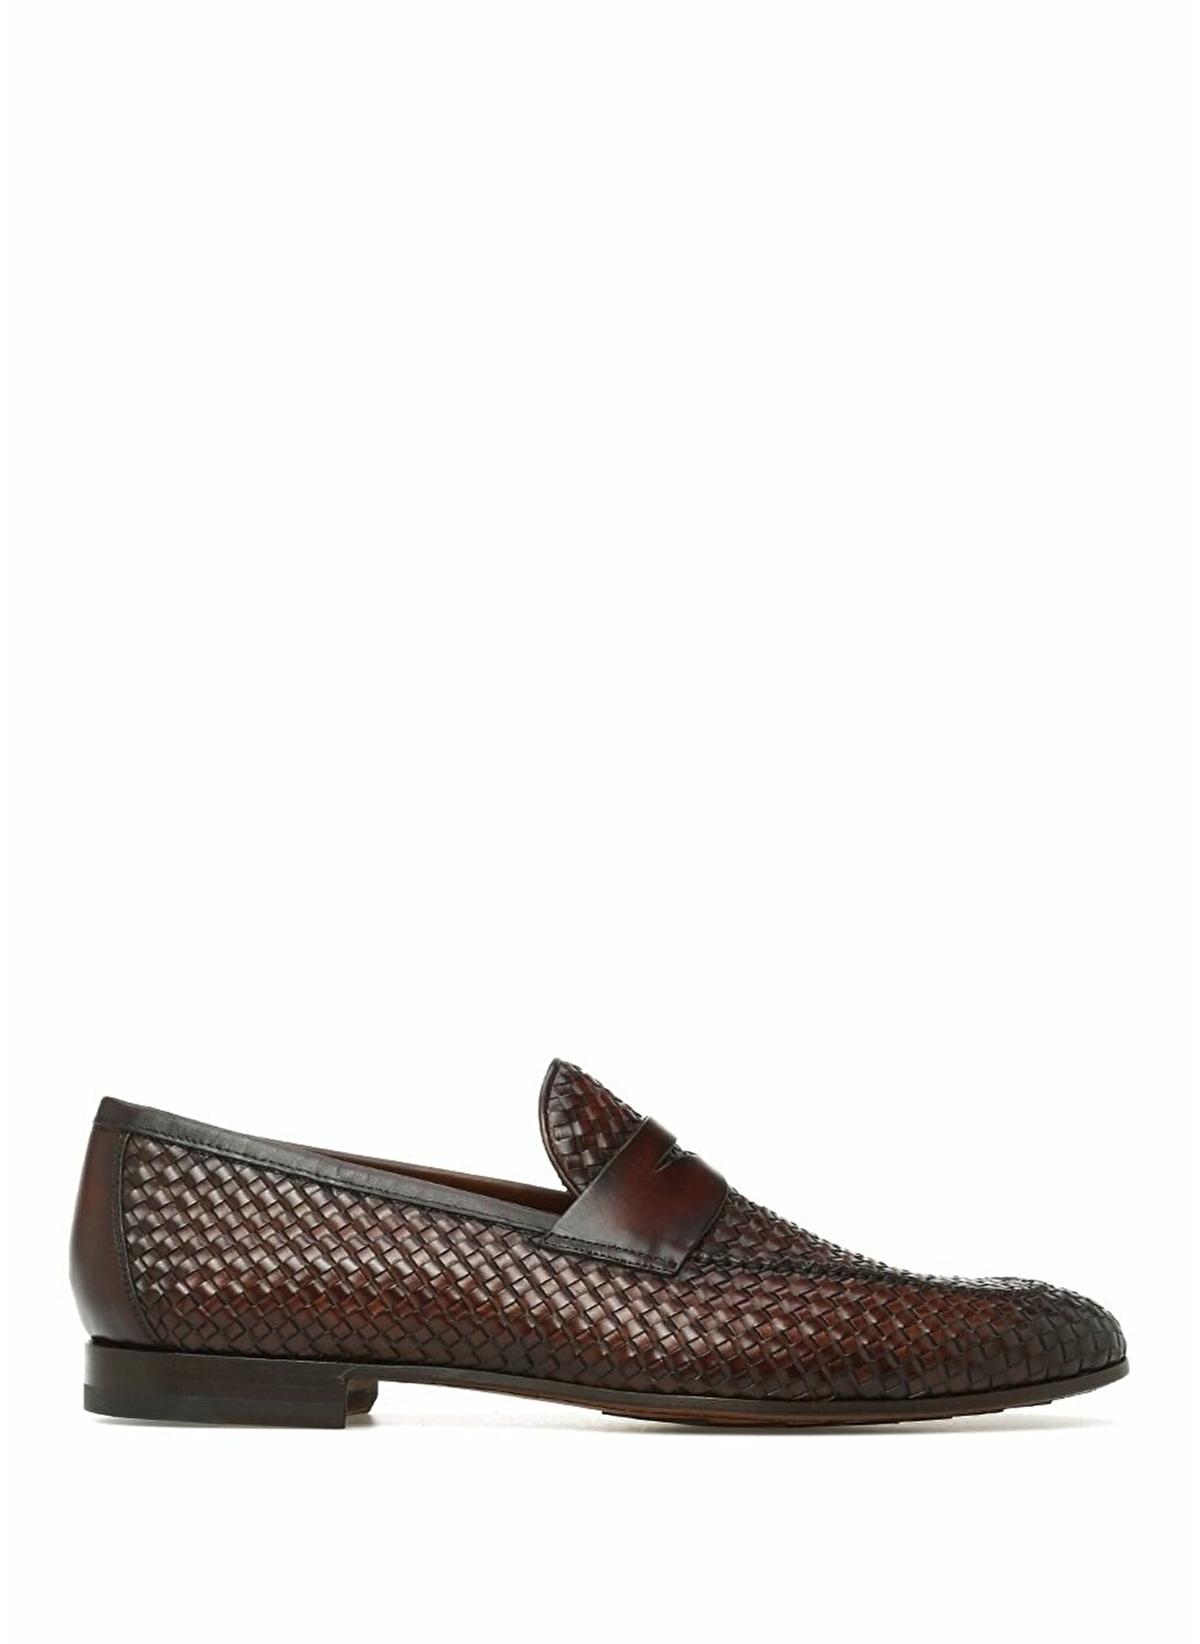 Magnanni Ayakkabı 101390686 E Loafer – 2699.0 TL